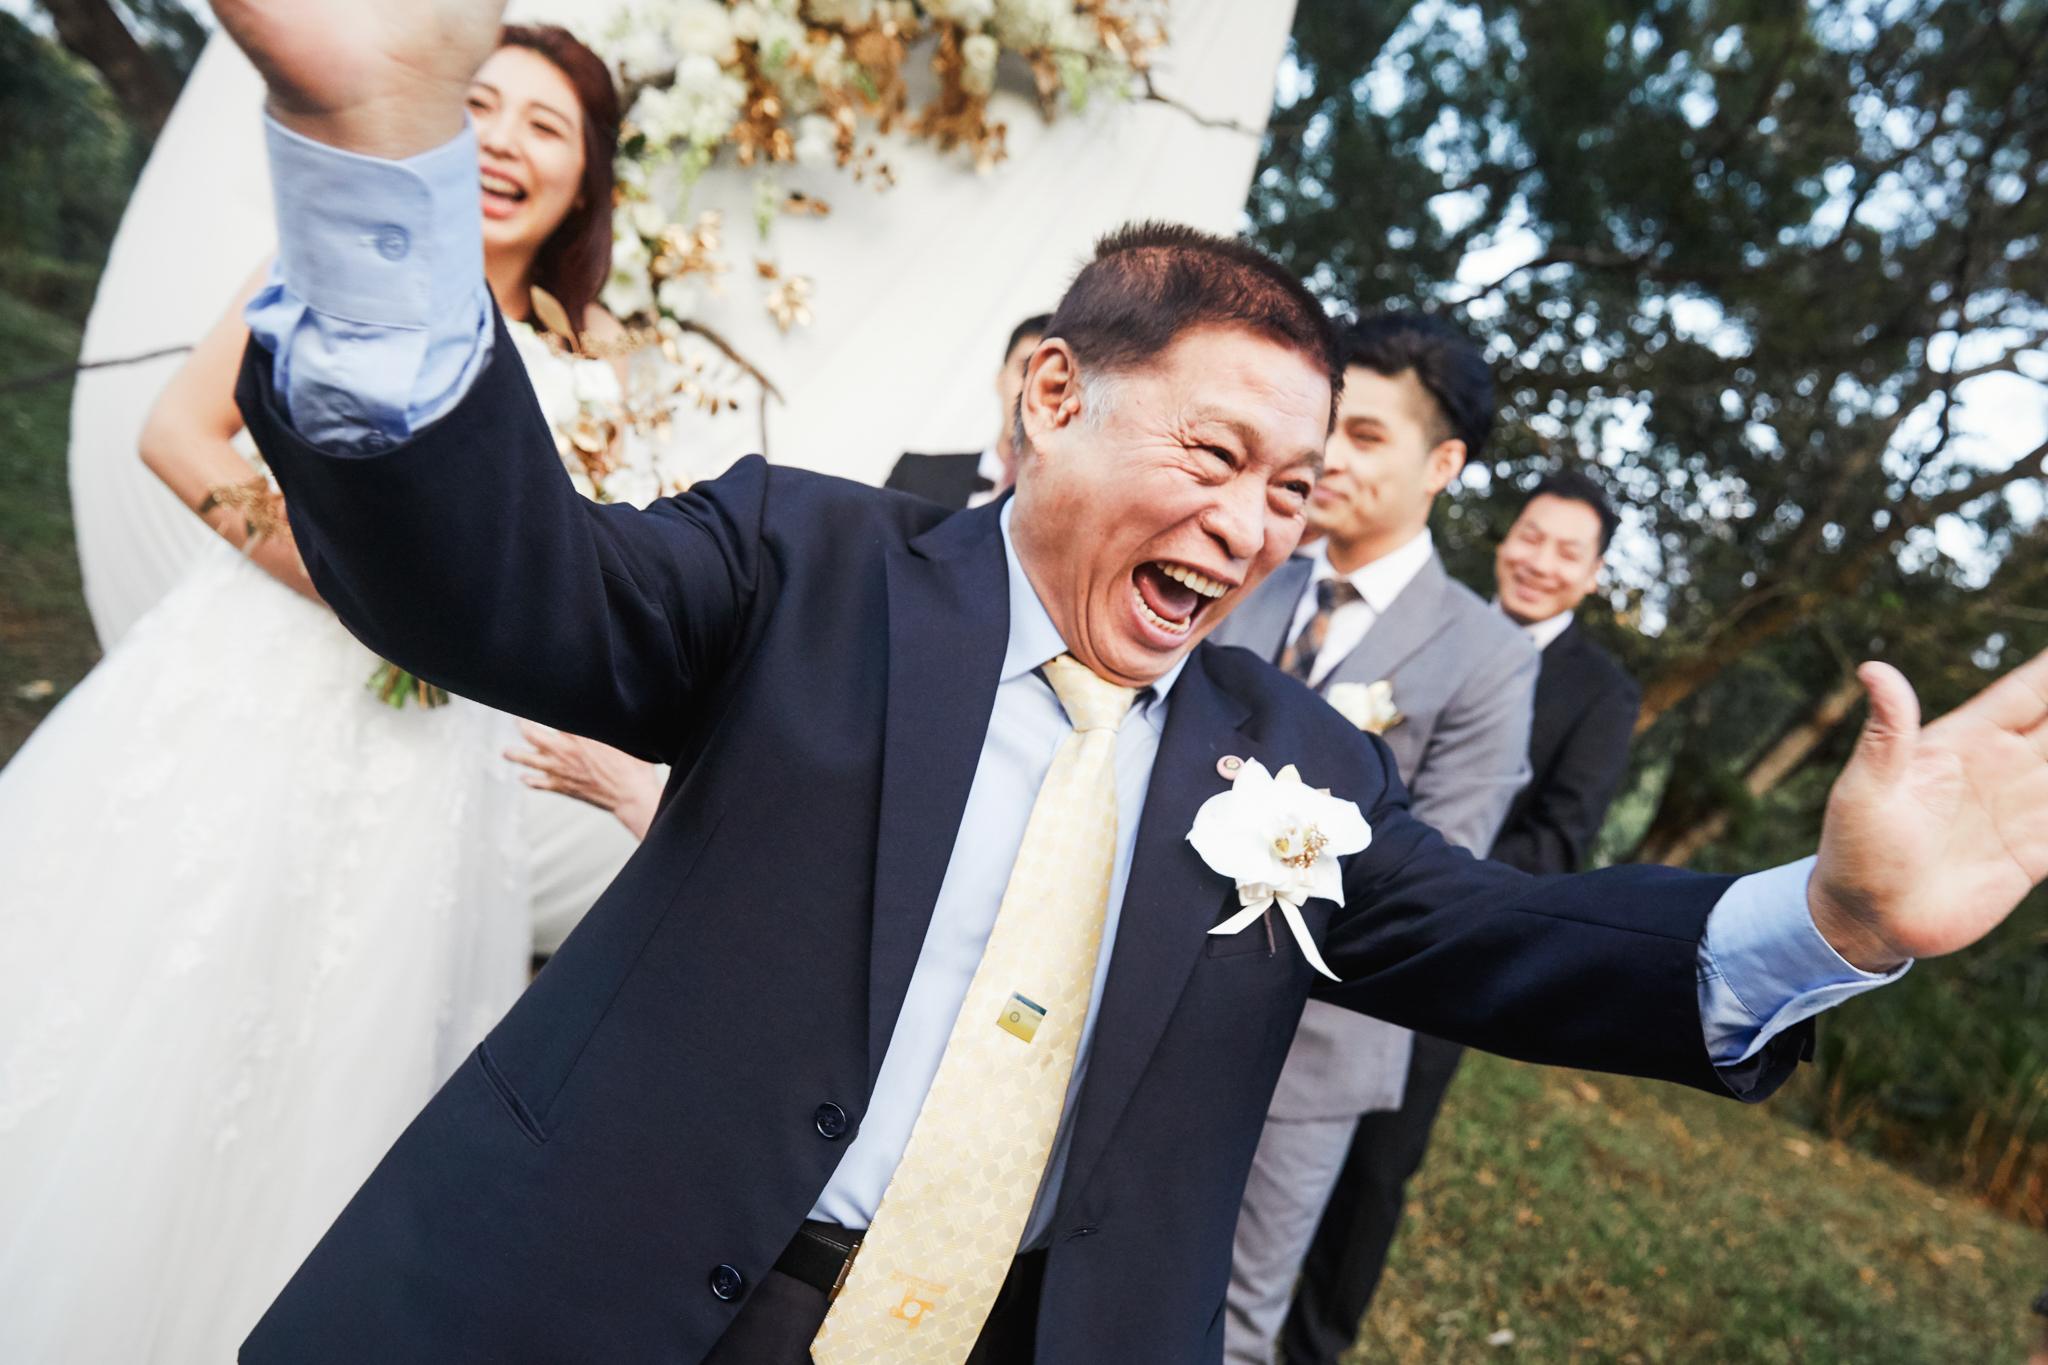 顏牧牧場婚禮, 婚攝推薦,台中婚攝,後院婚禮,戶外婚禮,美式婚禮-50